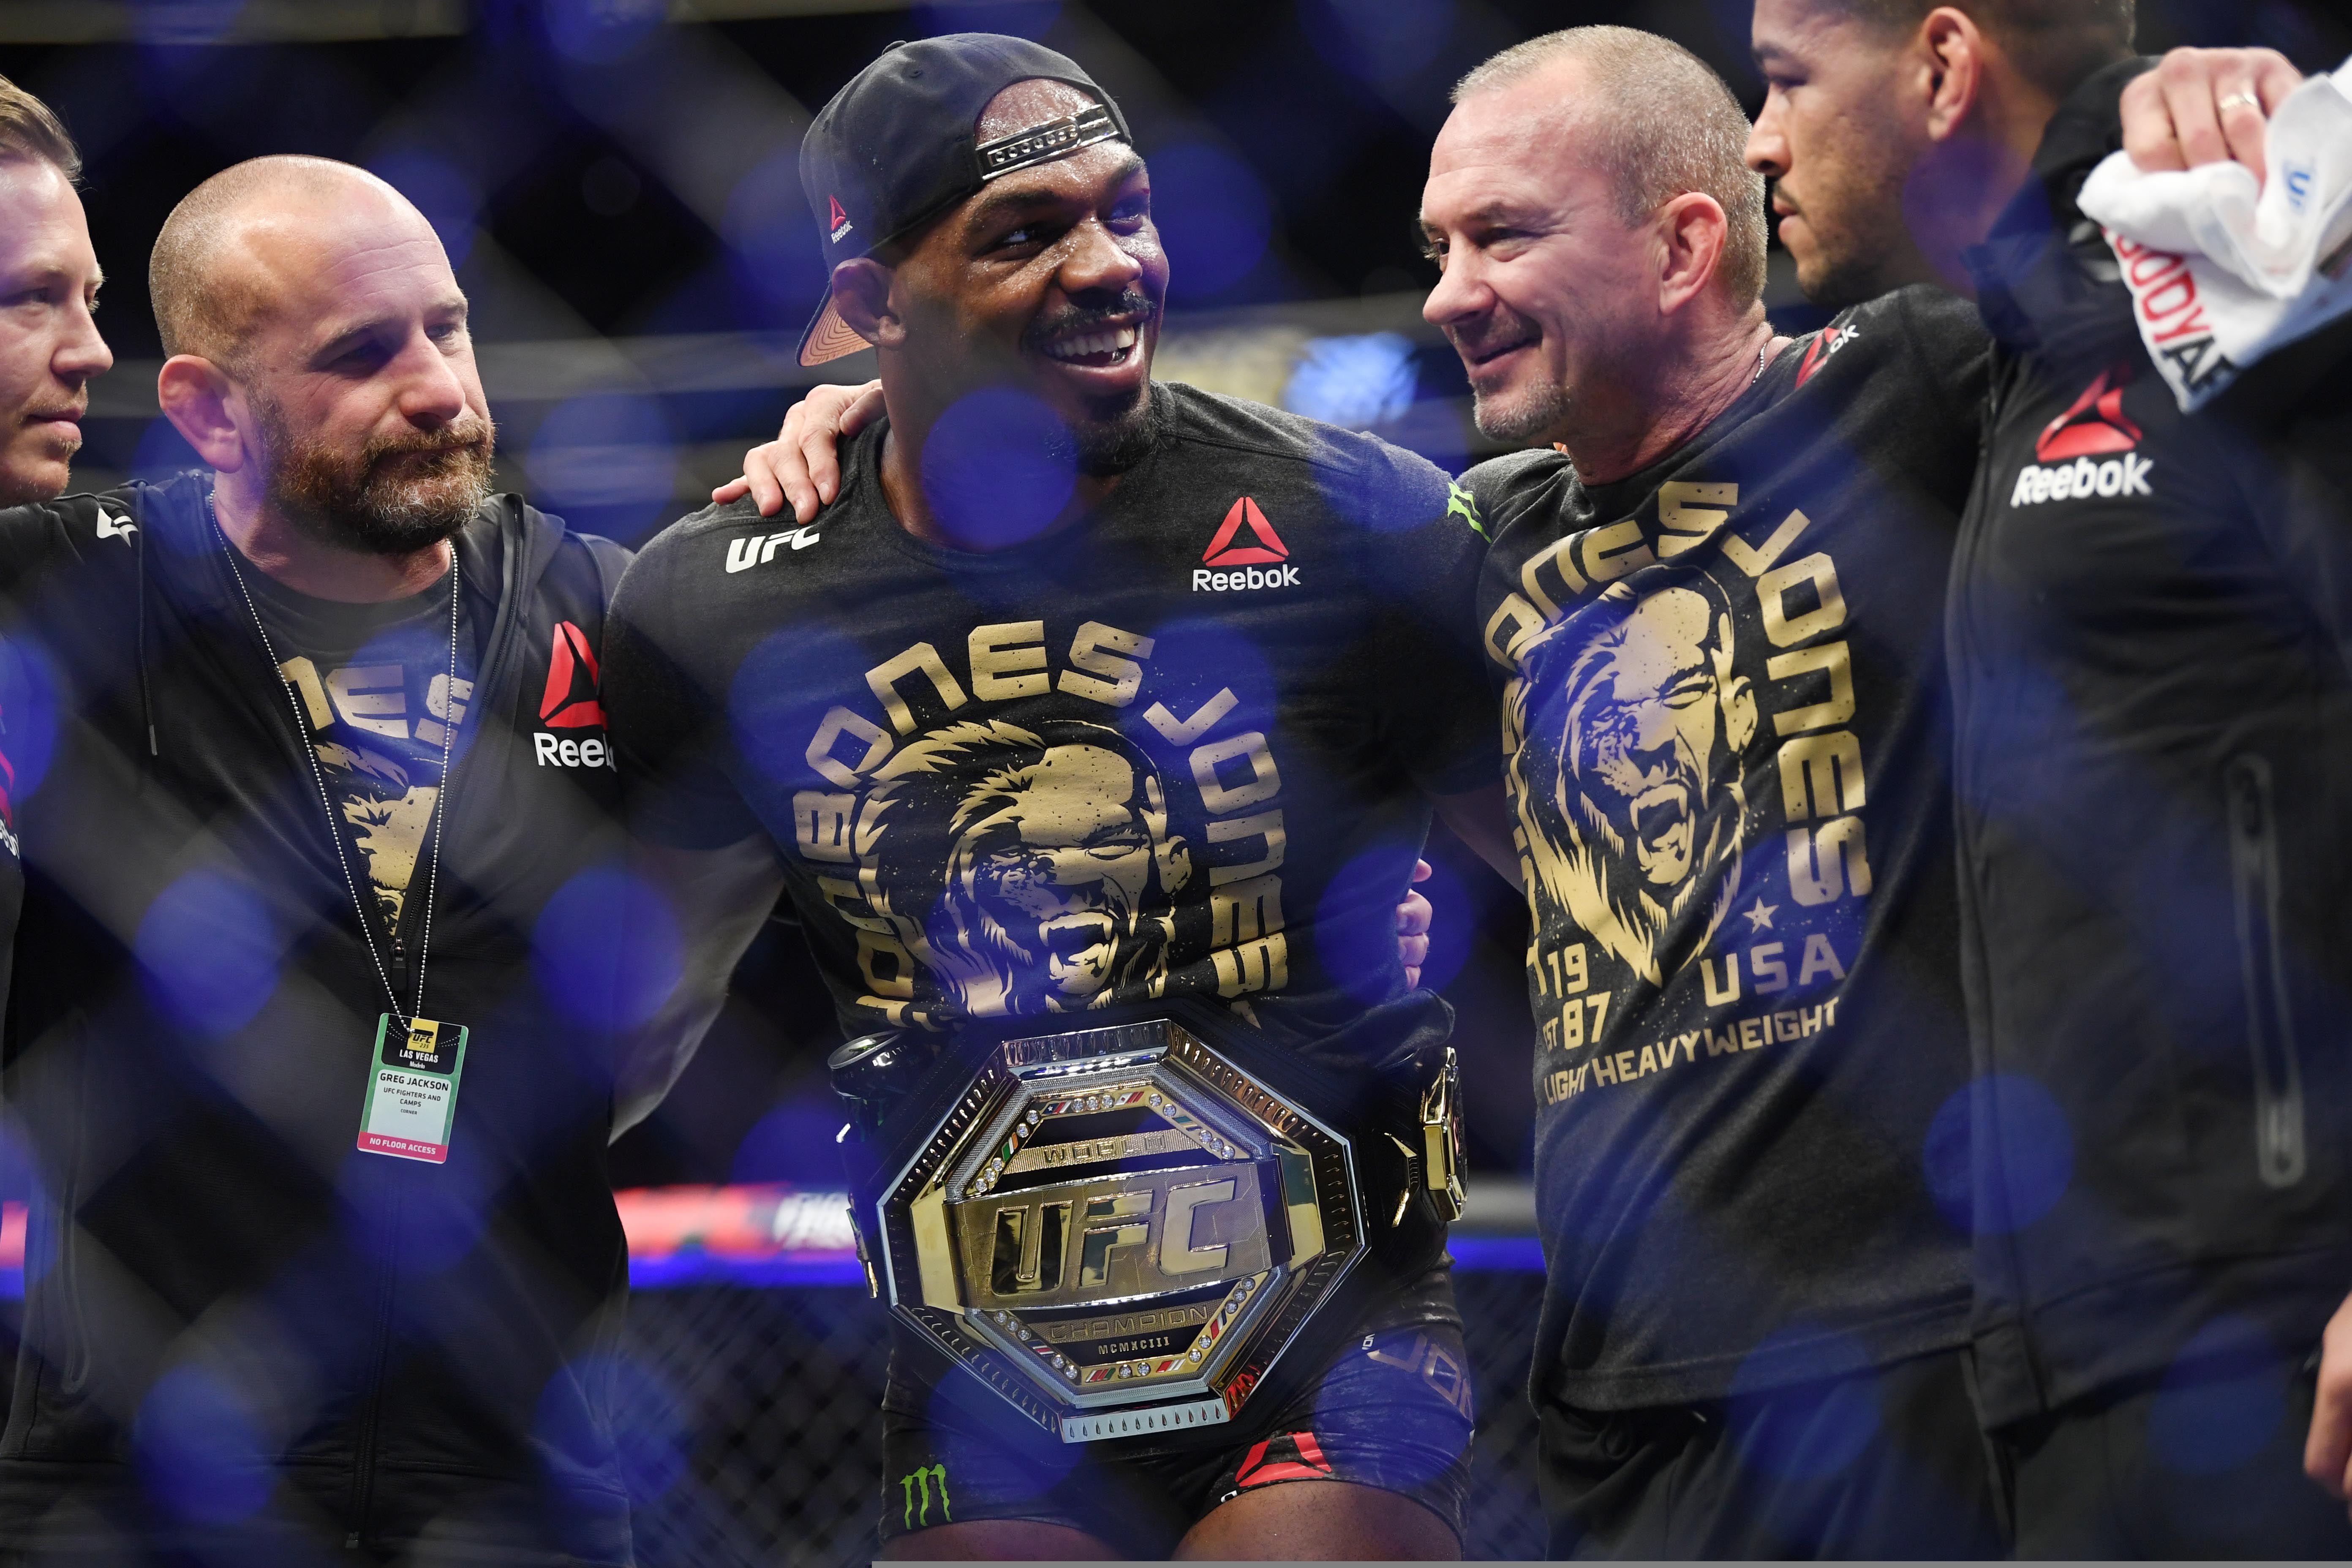 Jones es considerado el mejor peleador libra por libra de la actualidad